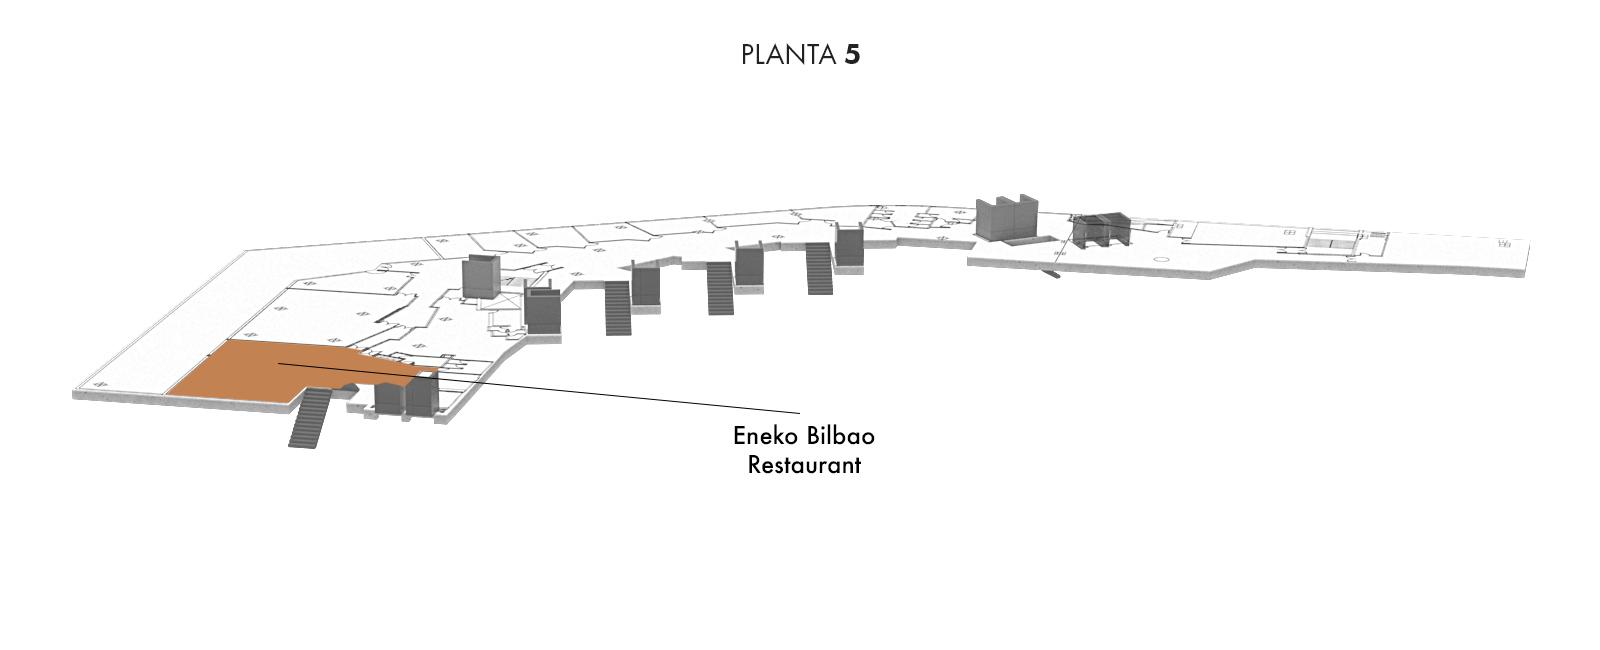 Eneko Bilbao Restaurant, Planta 5 | Palacio Euskalduna Jauregia